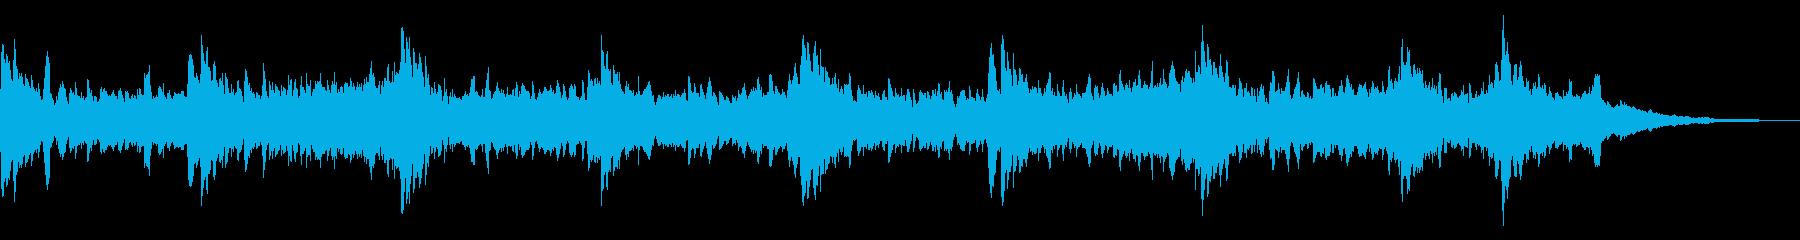 生命自然感動宇宙アンビエントヒーリングdの再生済みの波形